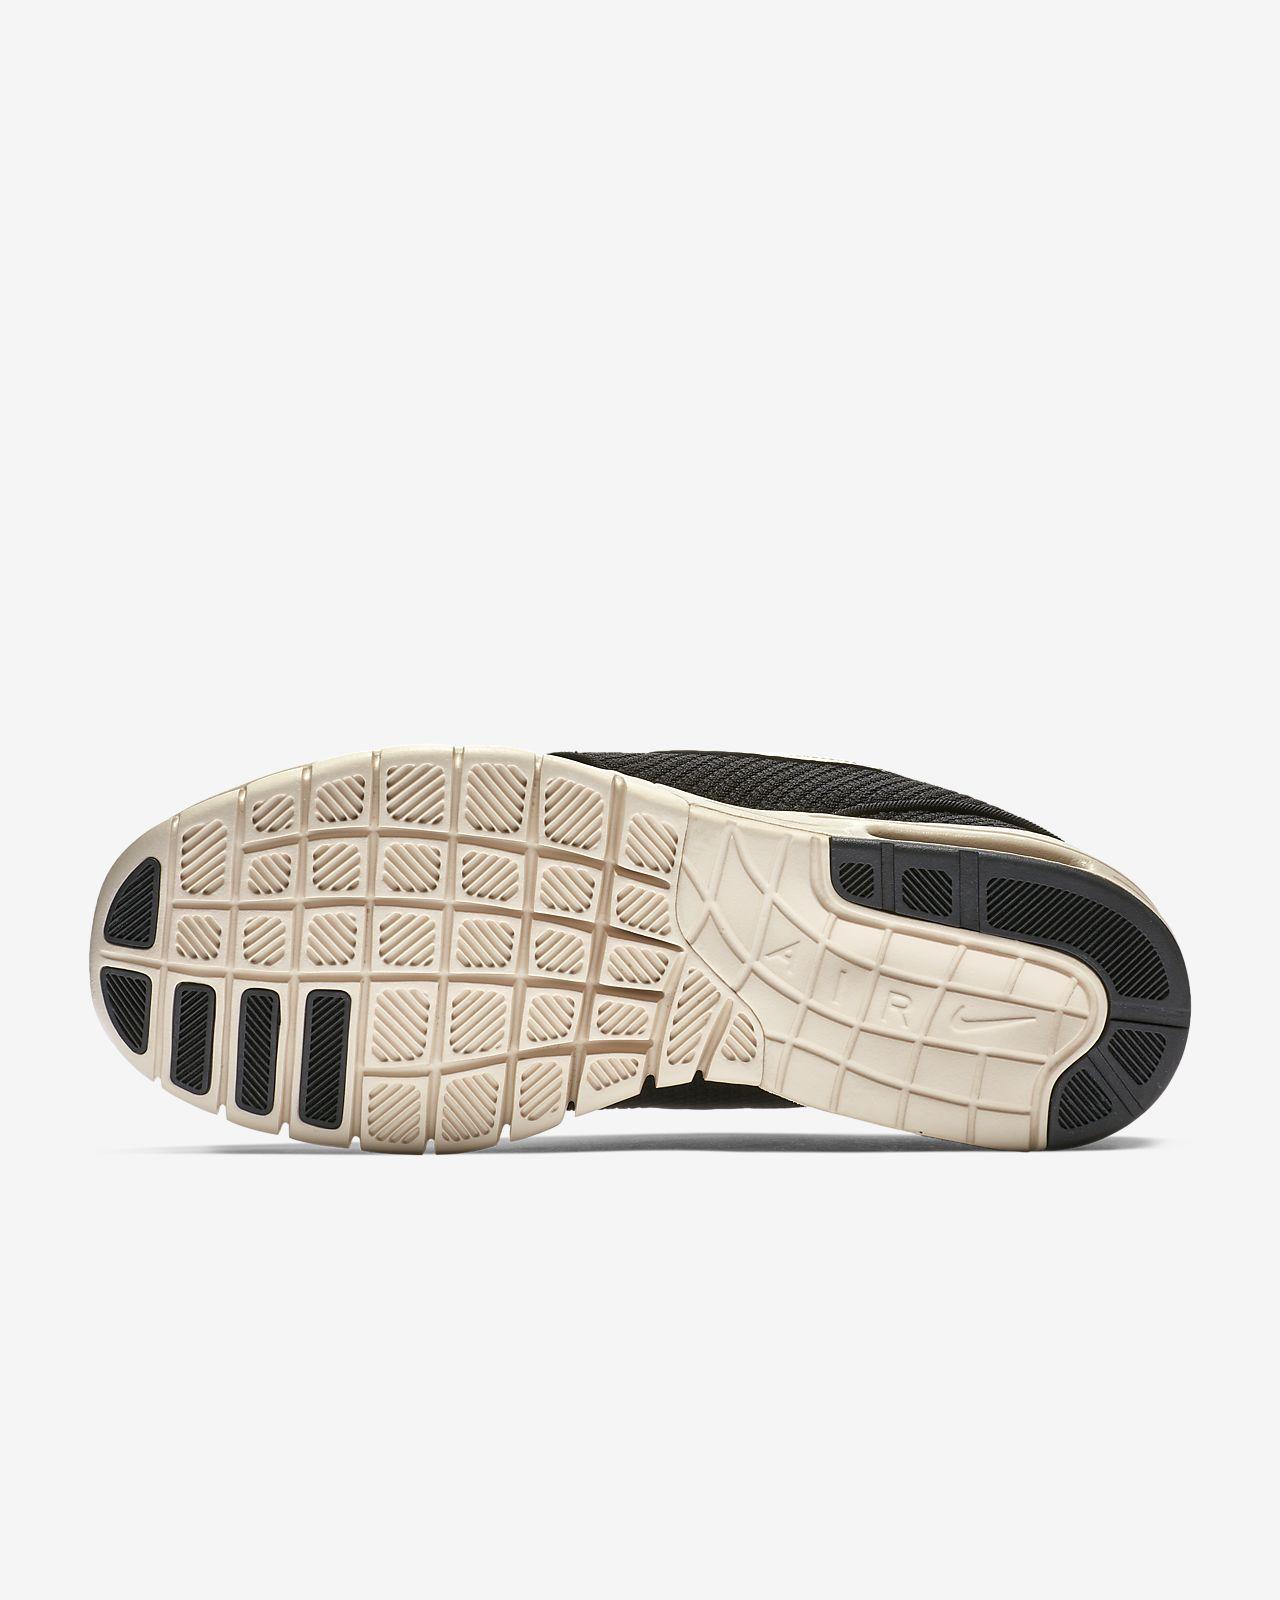 96bb3e2643c1 Nike SB Stefan Janoski Max Skate Shoe. Nike.com